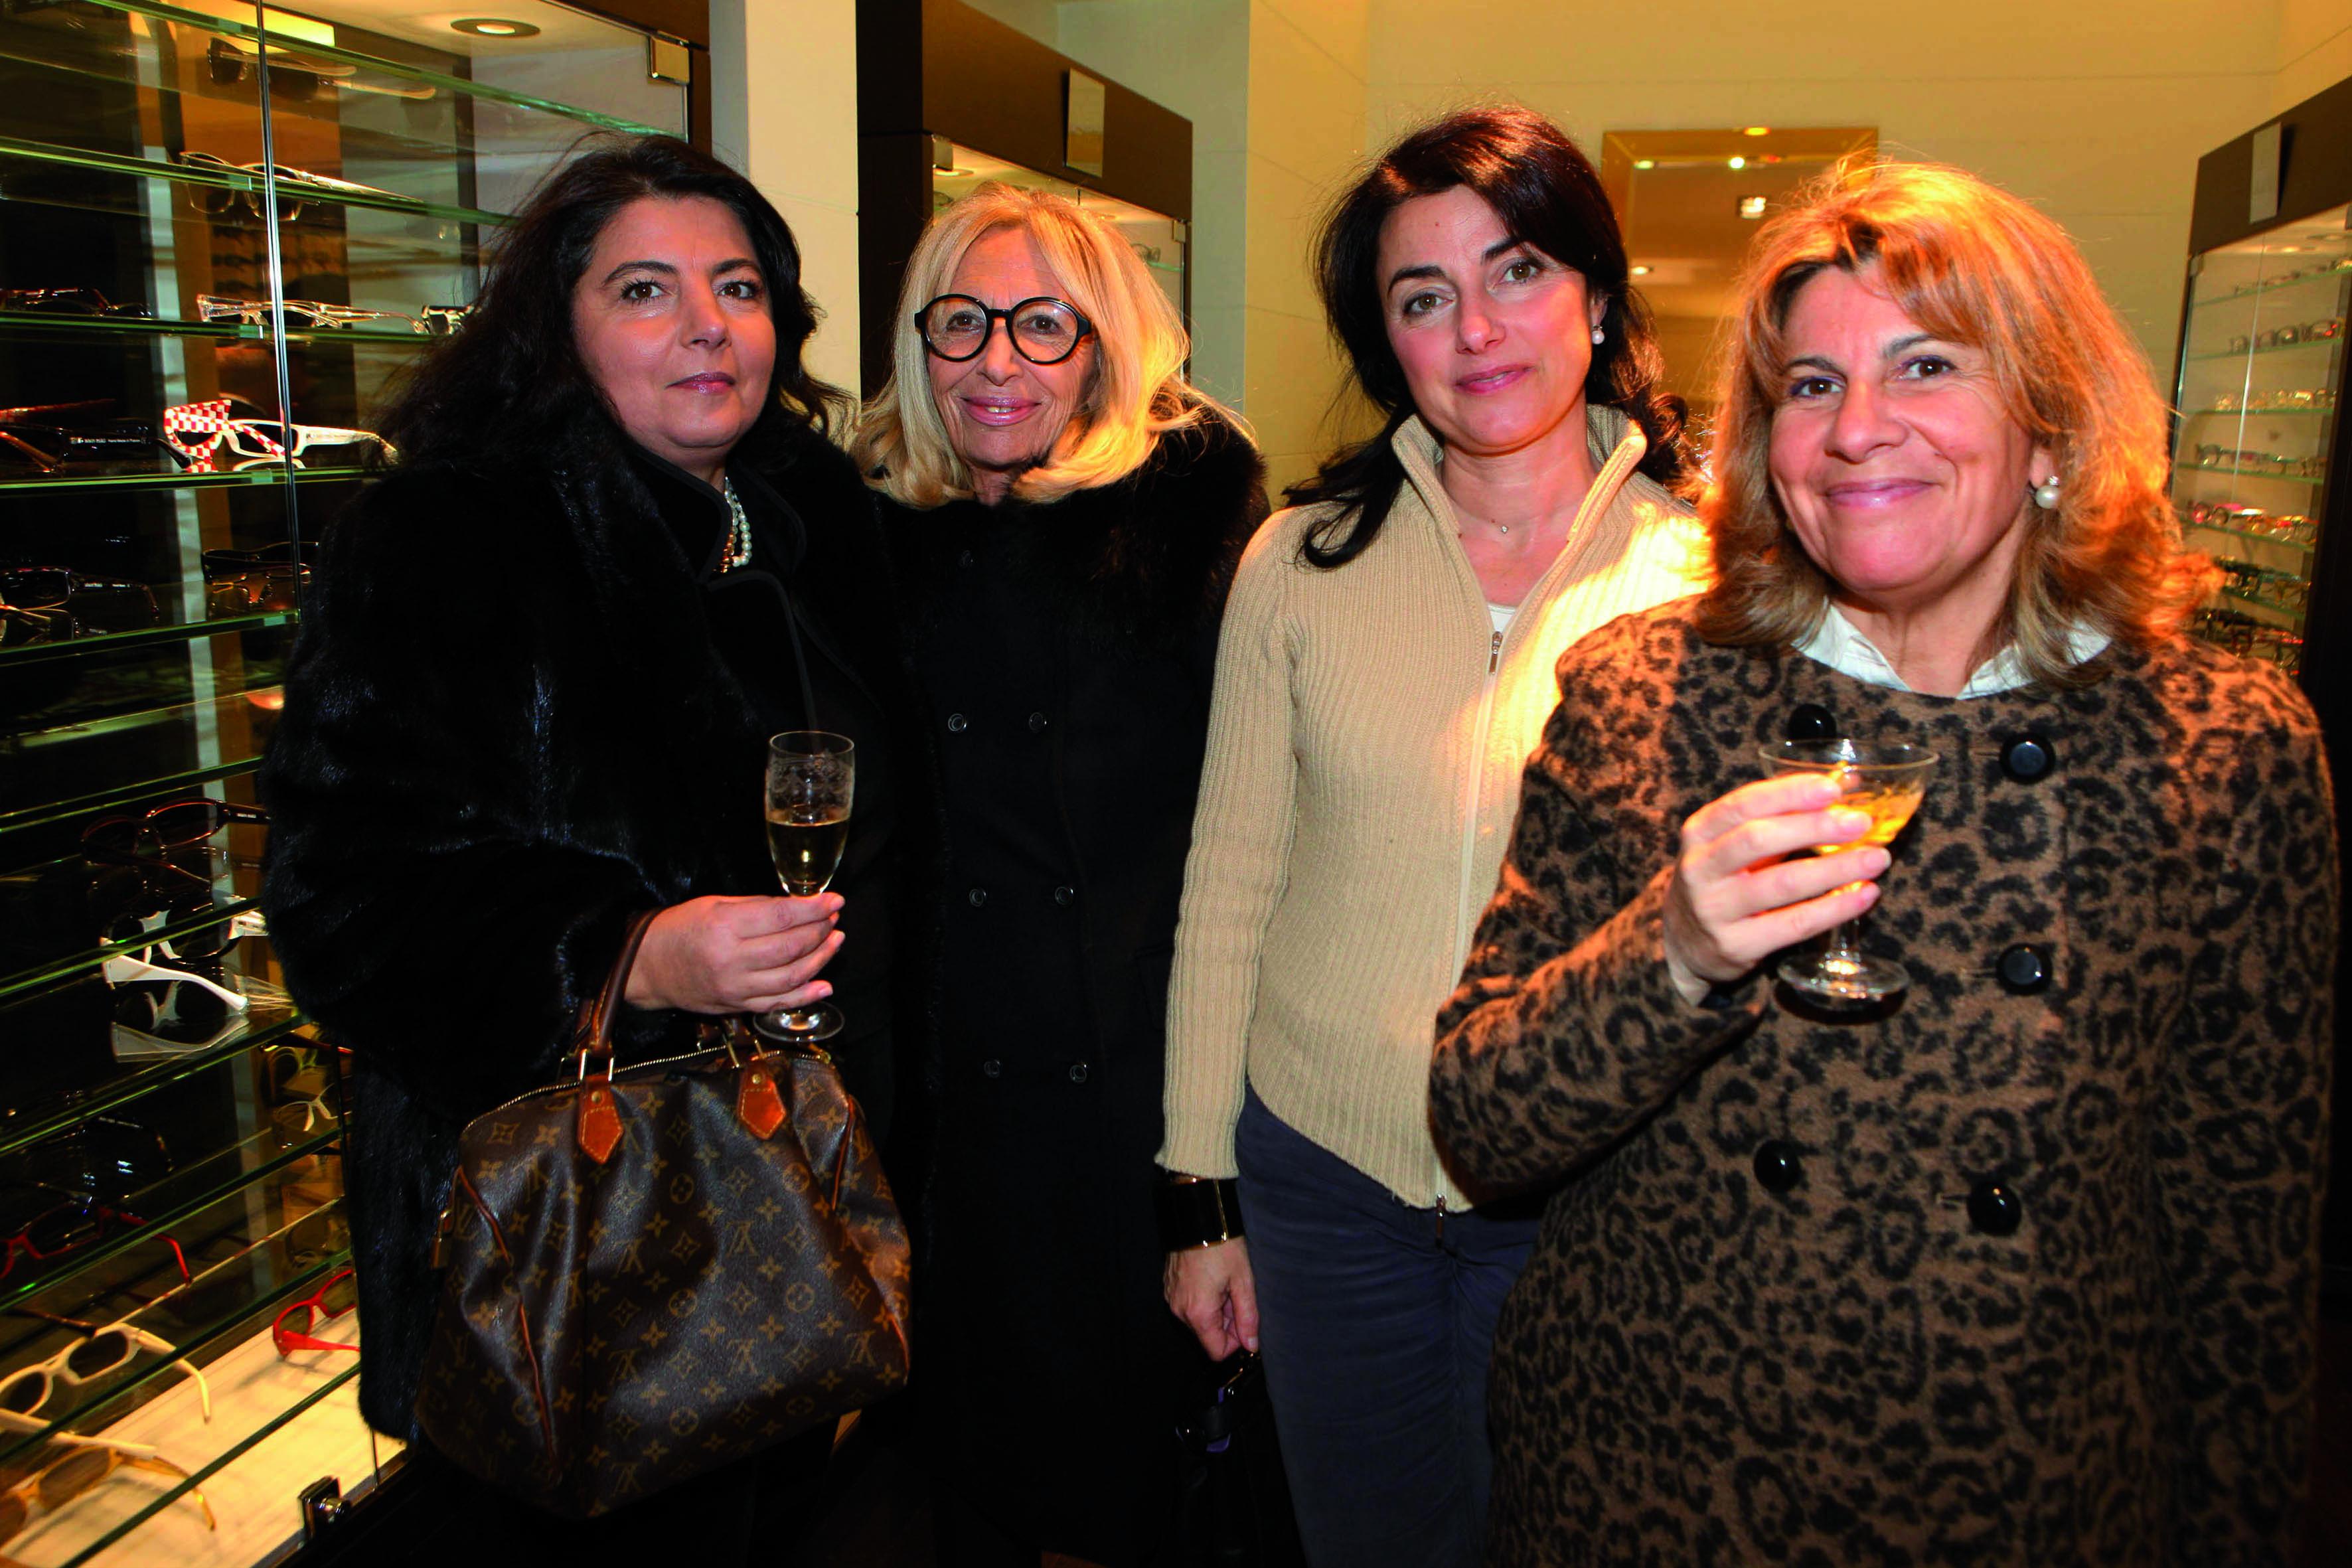 frncesca trocone,Eleonora Cosci,nicoleta manetti, Tania Santini pressphoto-Firenze Magazine  presentazione collezzione occhiali Chanel all'ottica Fontani